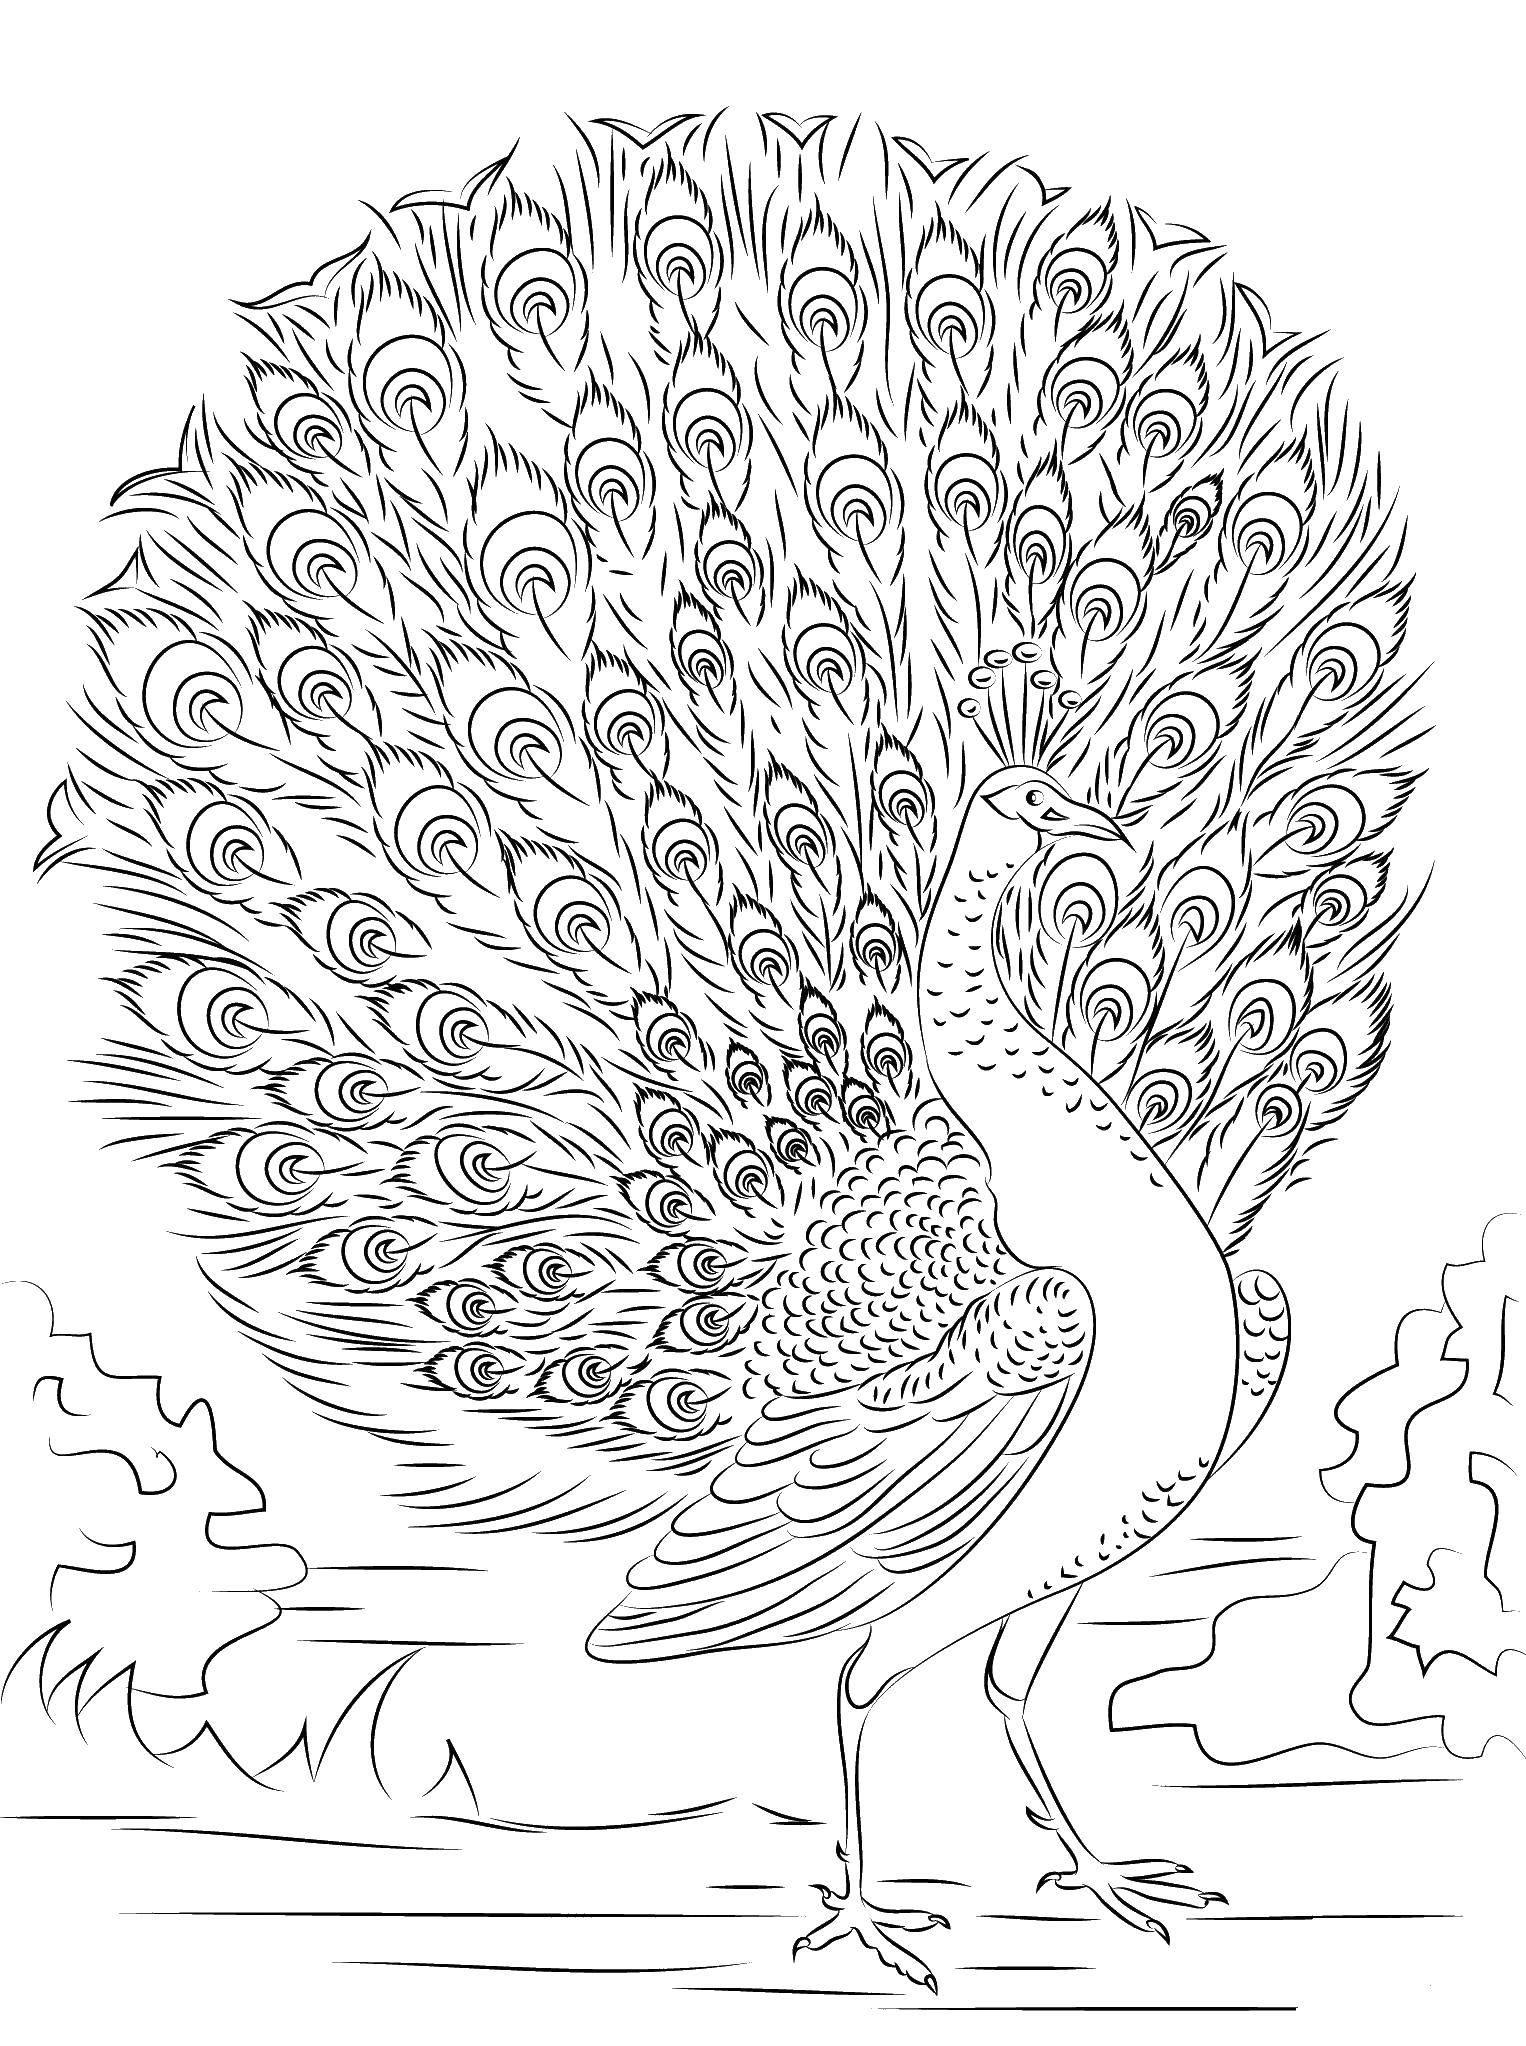 Раскраски домашние птицы павлин, птицы зоопарка павлины  Гордый павлин